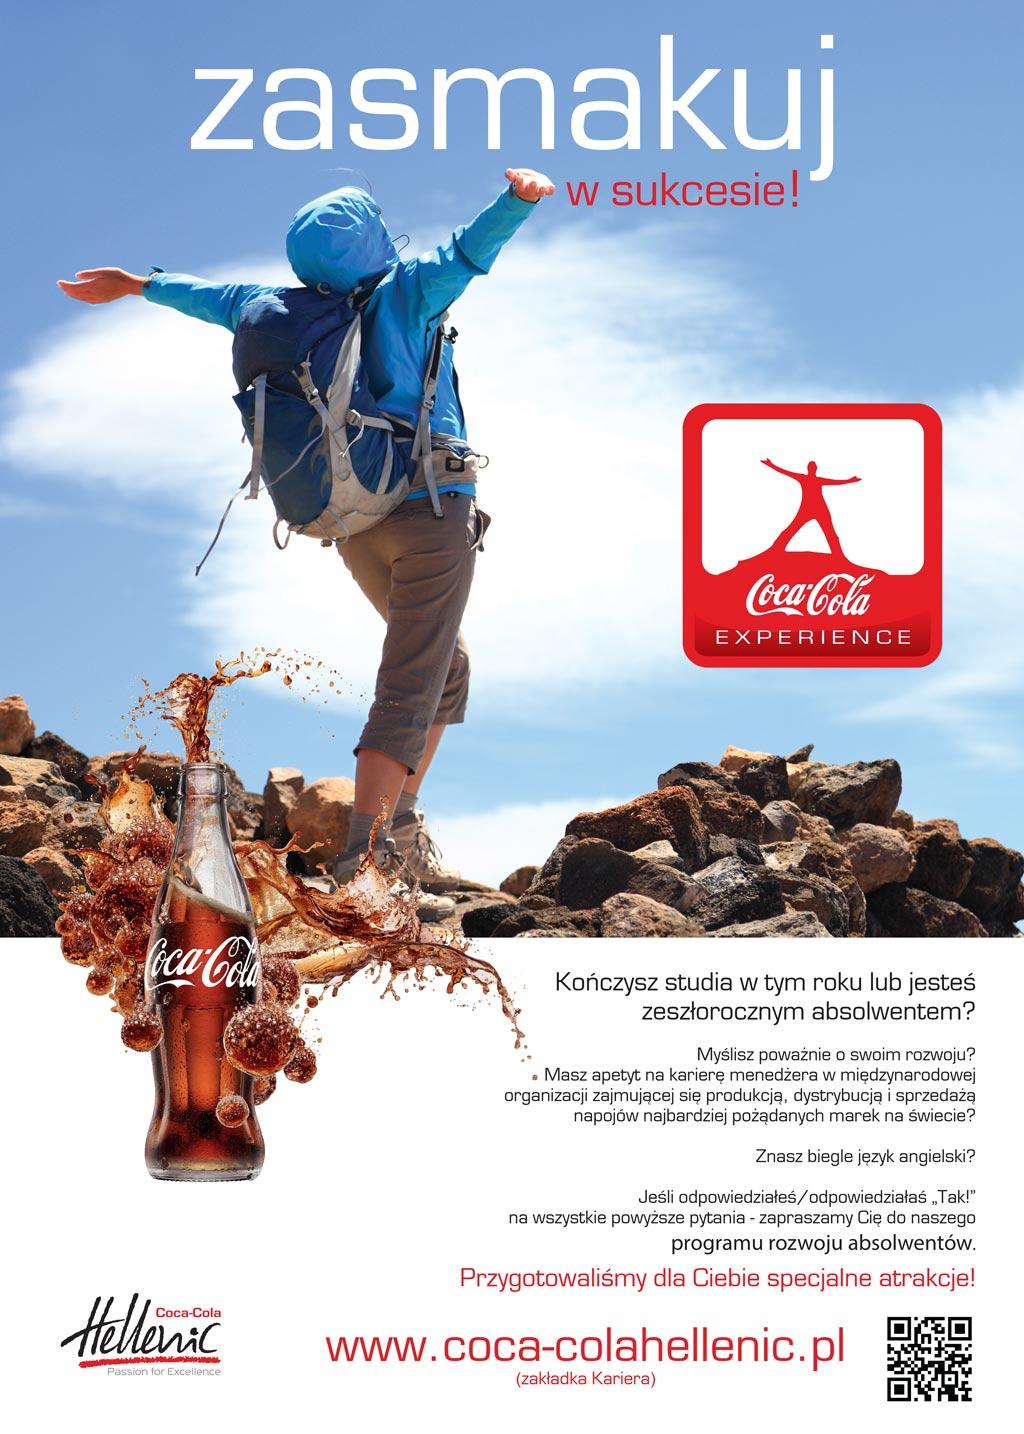 Coca-Cola Experience - program stażowy dla studentów i absolwentów